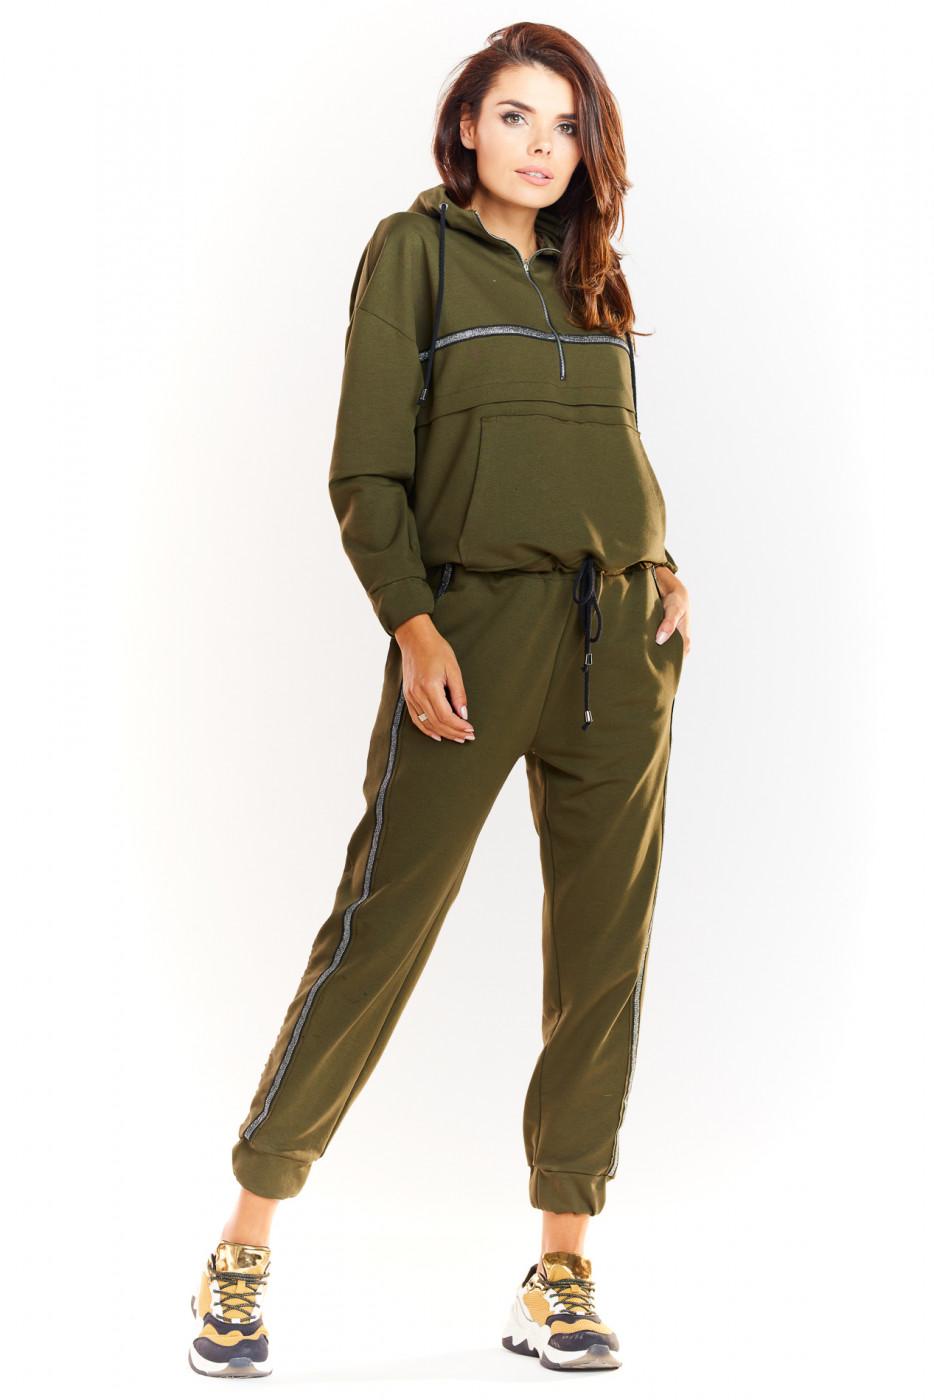 Infinite You Woman's Pants M231 Khaki